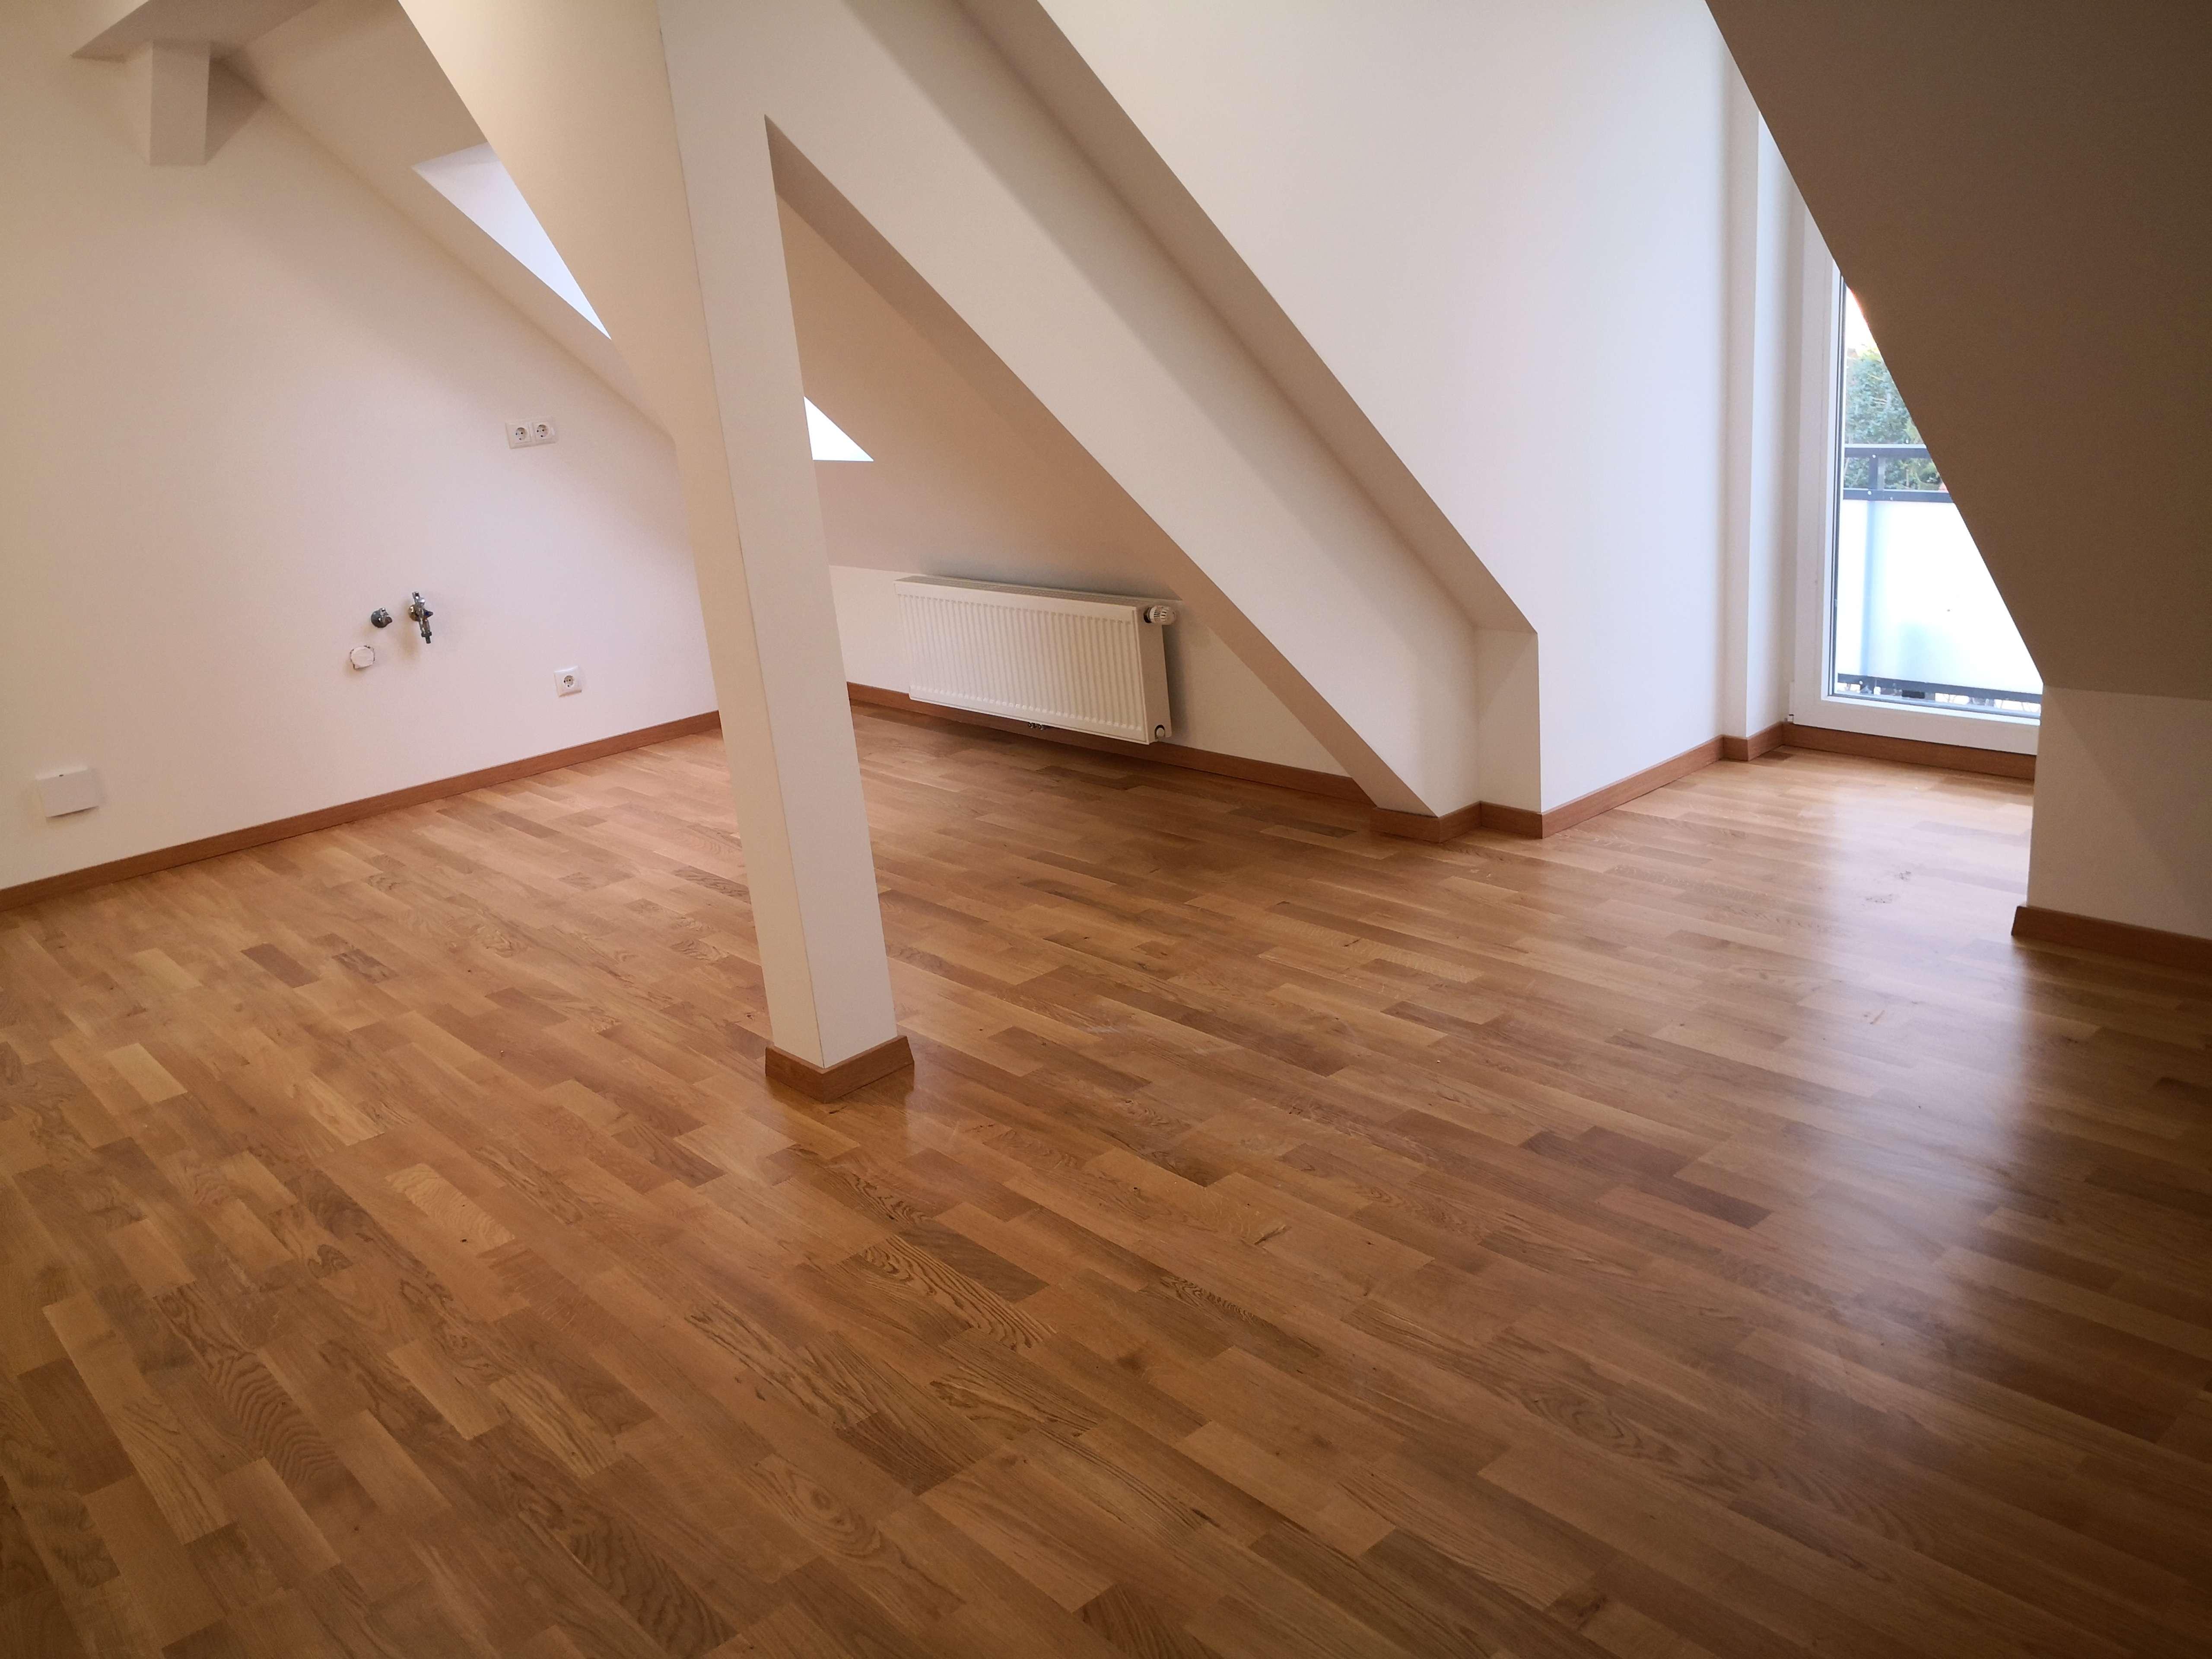 Erstbezug im Dachgeschoss: Ein kuscheliges Nest für Zwei! in Buchloe